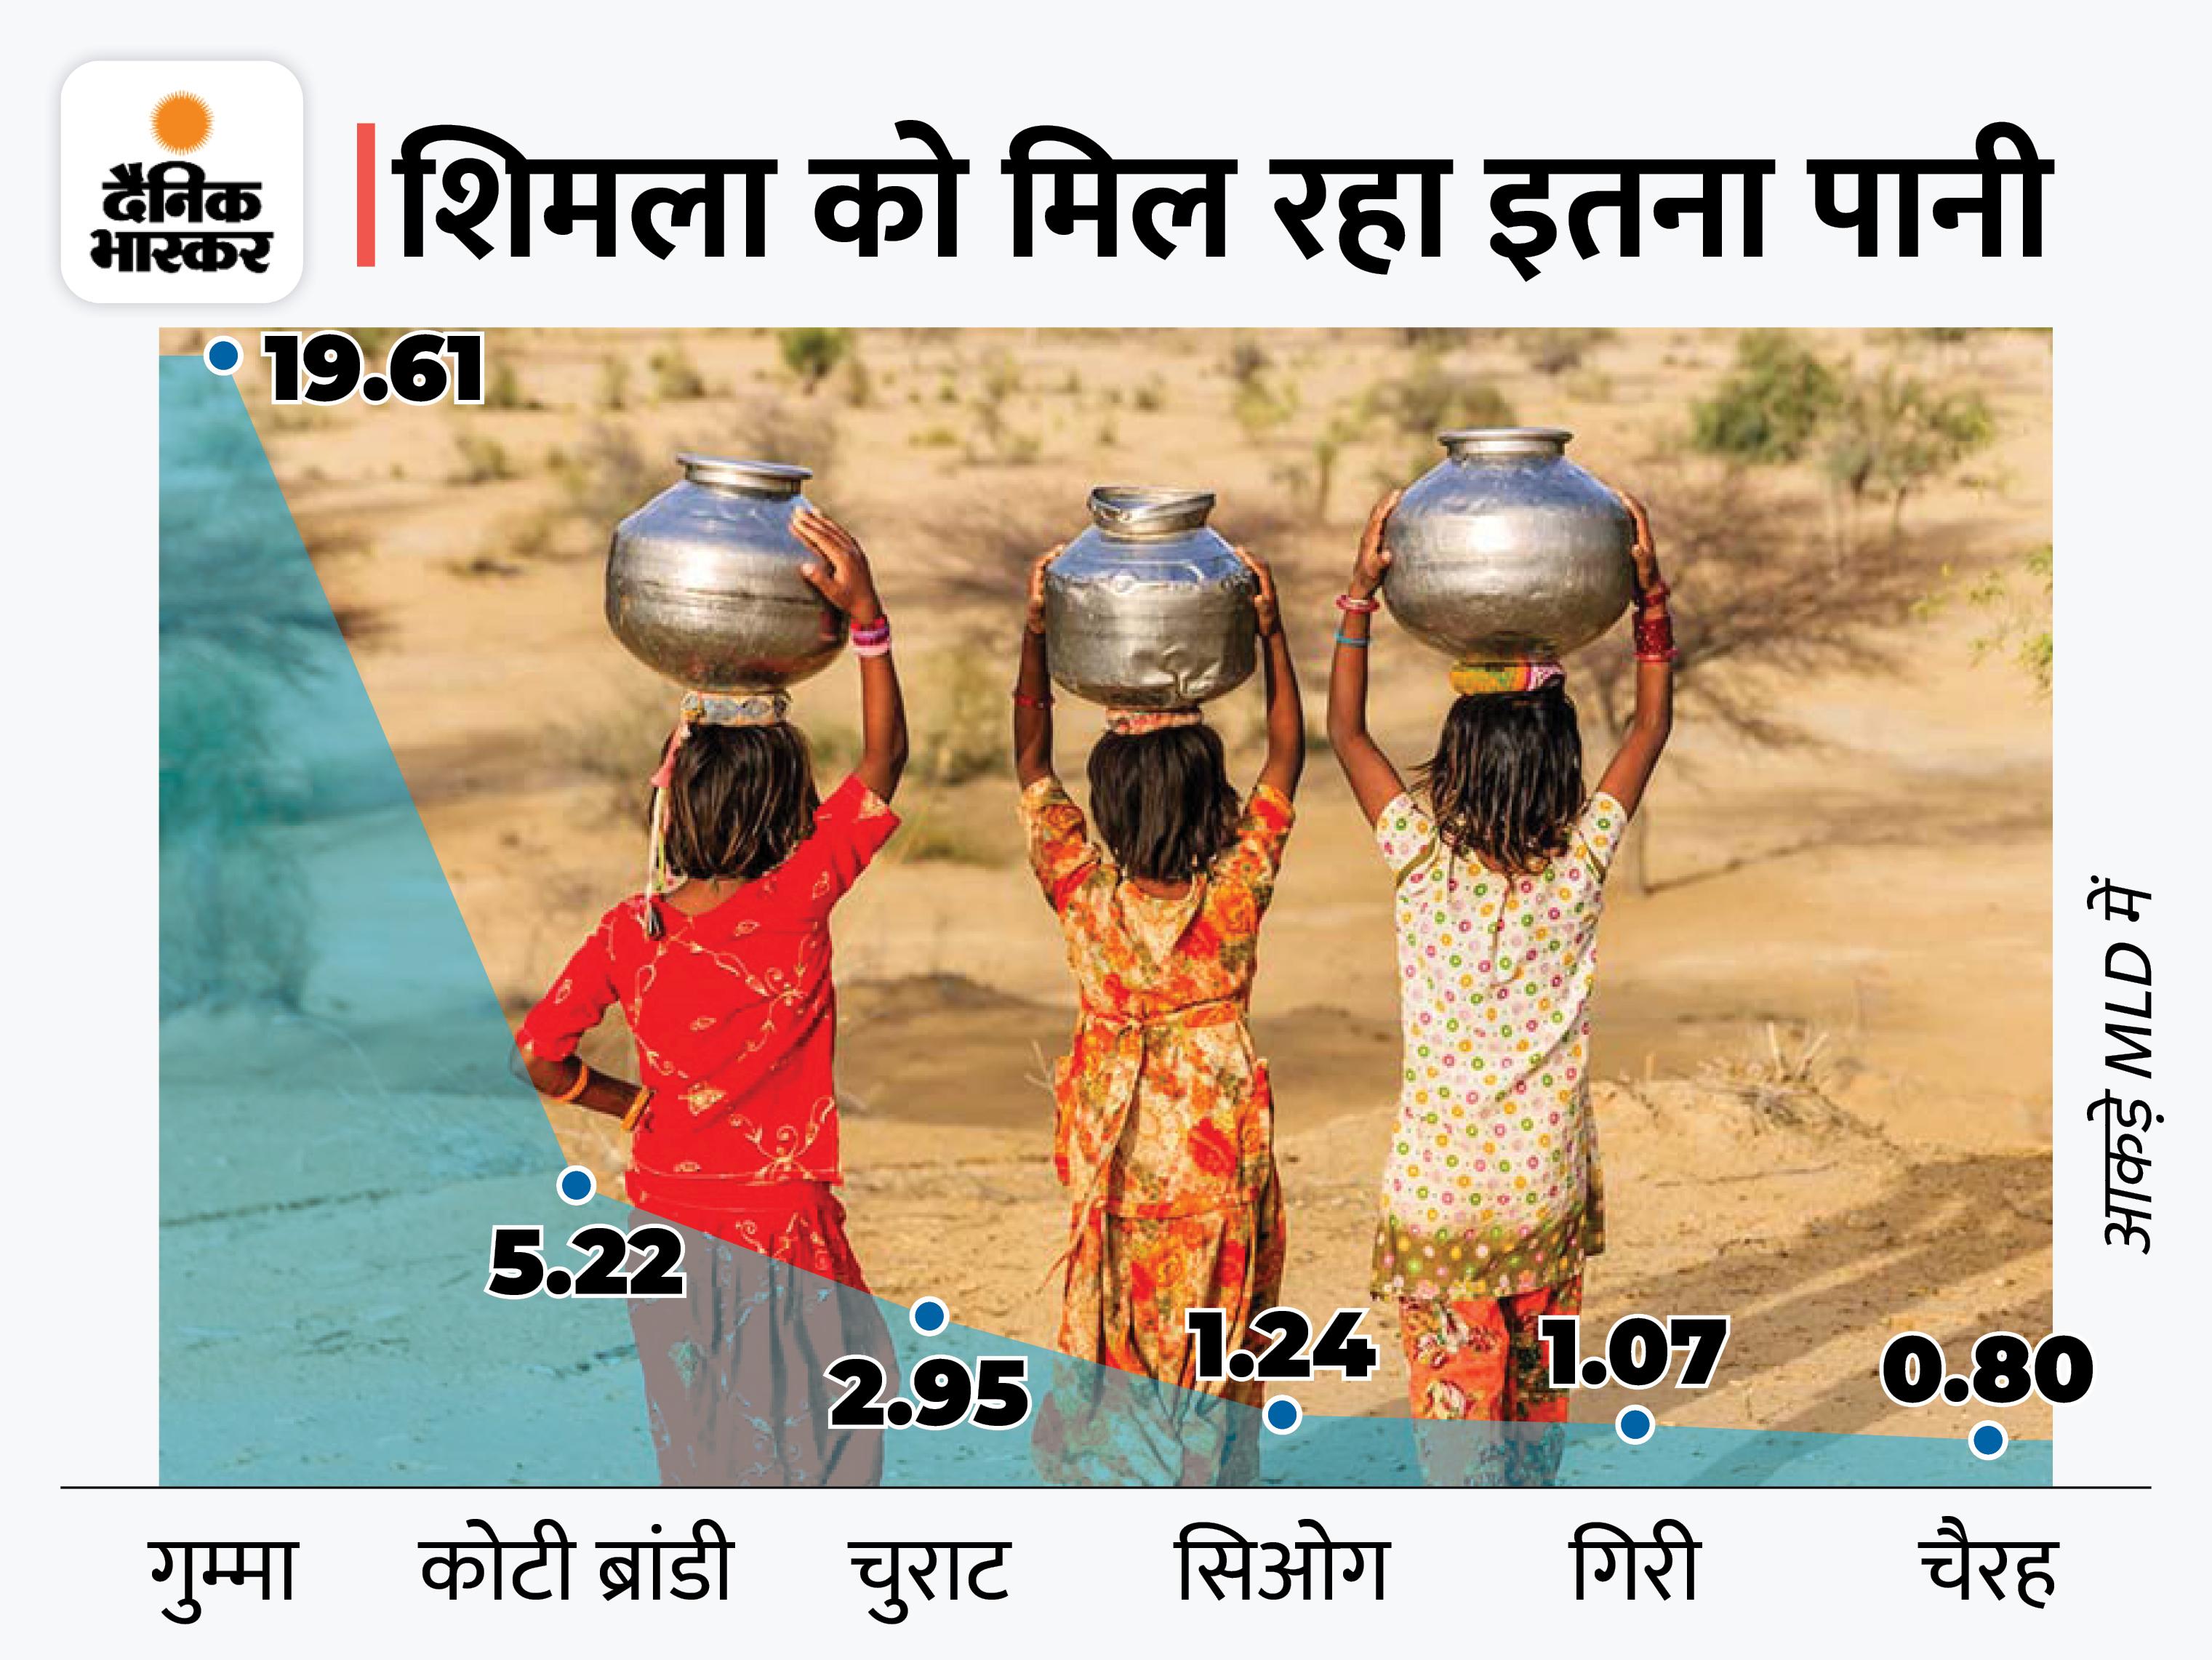 बारिश से आई गाद के कारण एक दिन छोड़कर मिलेगा पानी; गिरी-गुम्मा से लिफ्ट नहीं हो रहा वाटर, 45 की जगह मिल रहा 30MLD|शिमला,Shimla - Dainik Bhaskar